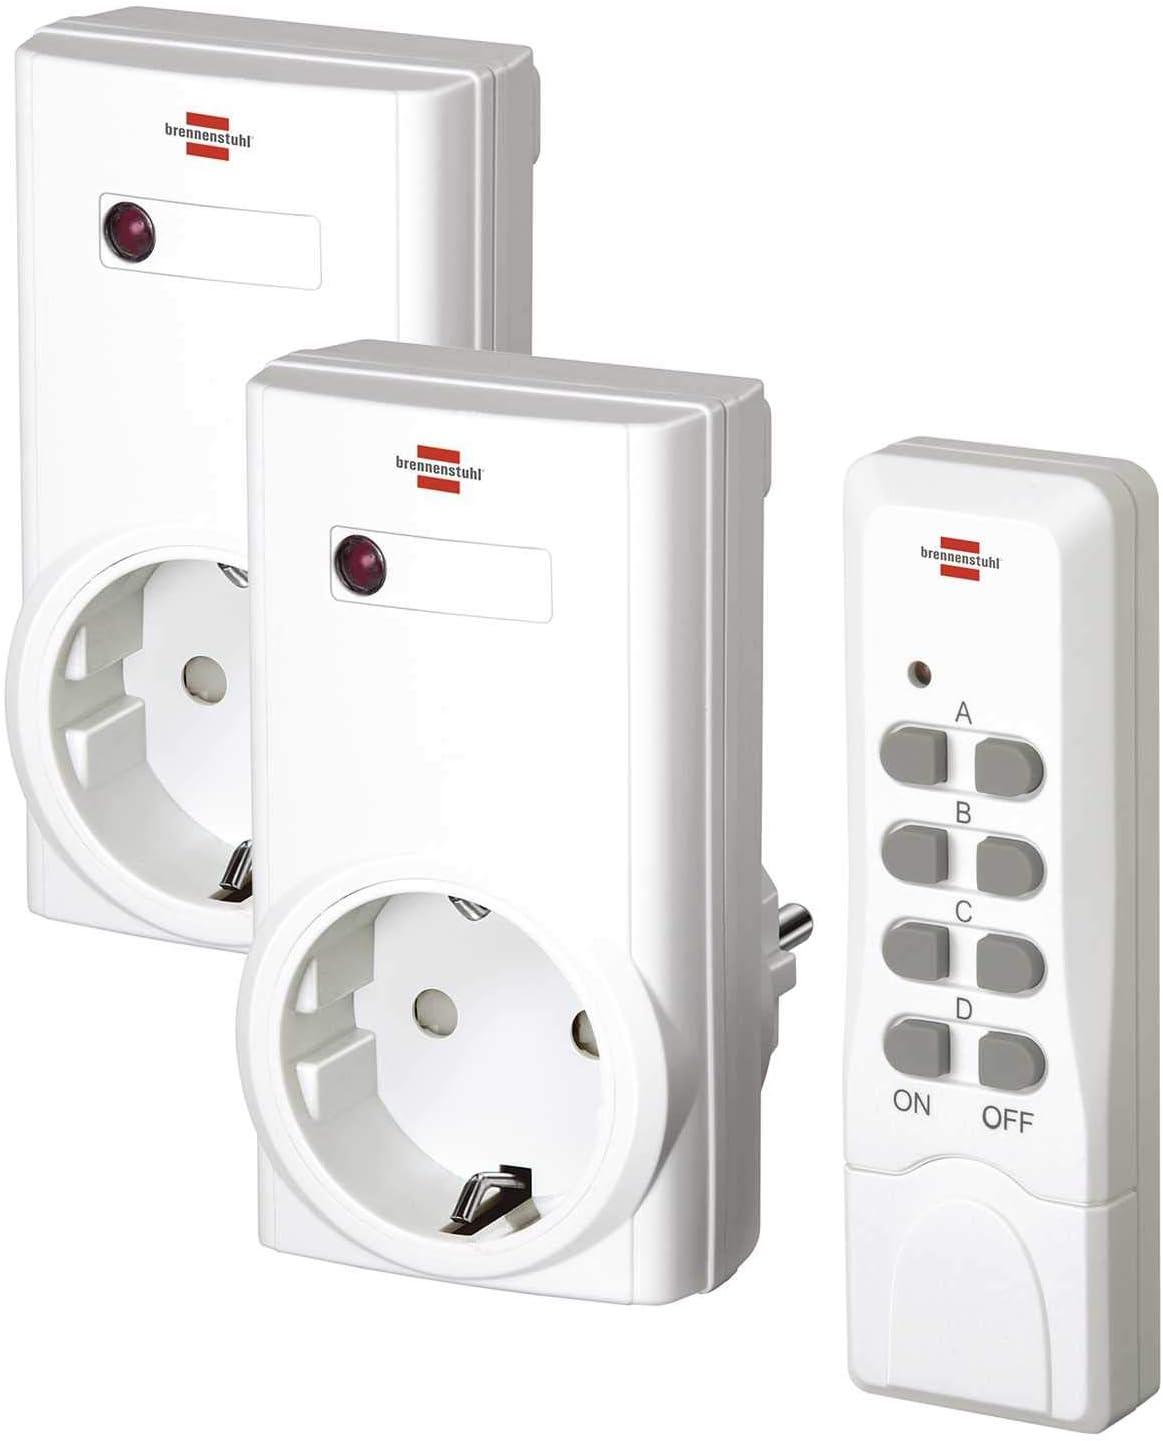 Brennenstuhl 1507150 Juego de interruptor inalámbrico, Blanco, Set de 4 Piezas